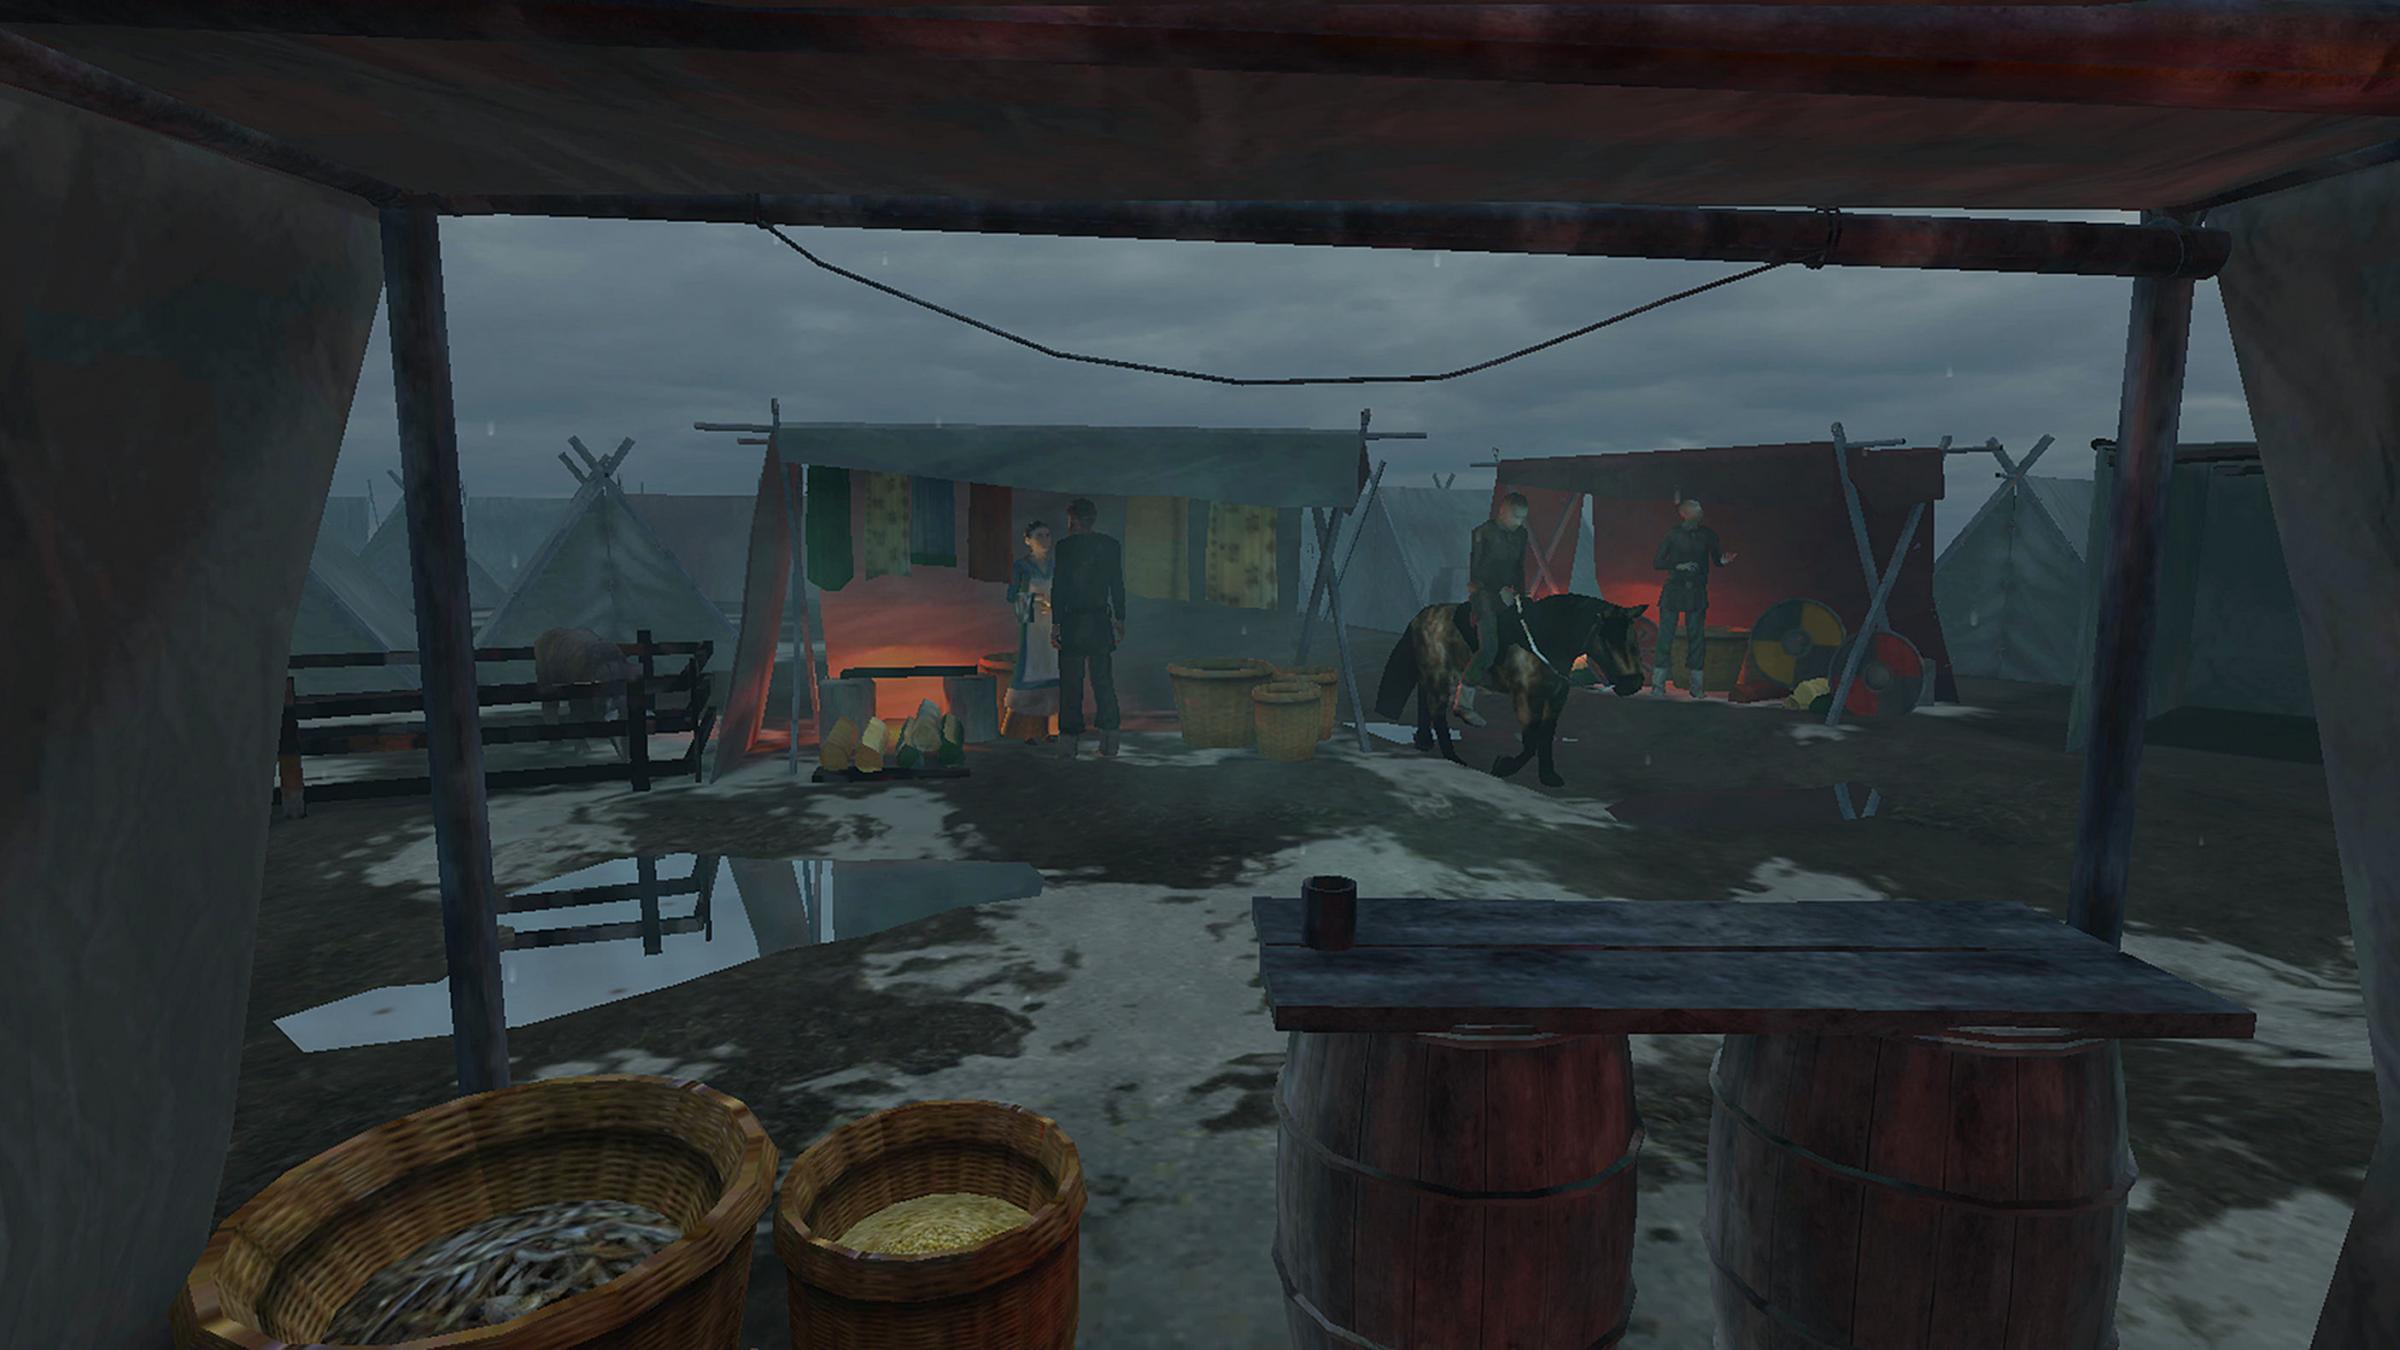 Virtual reality brings Viking camp to life